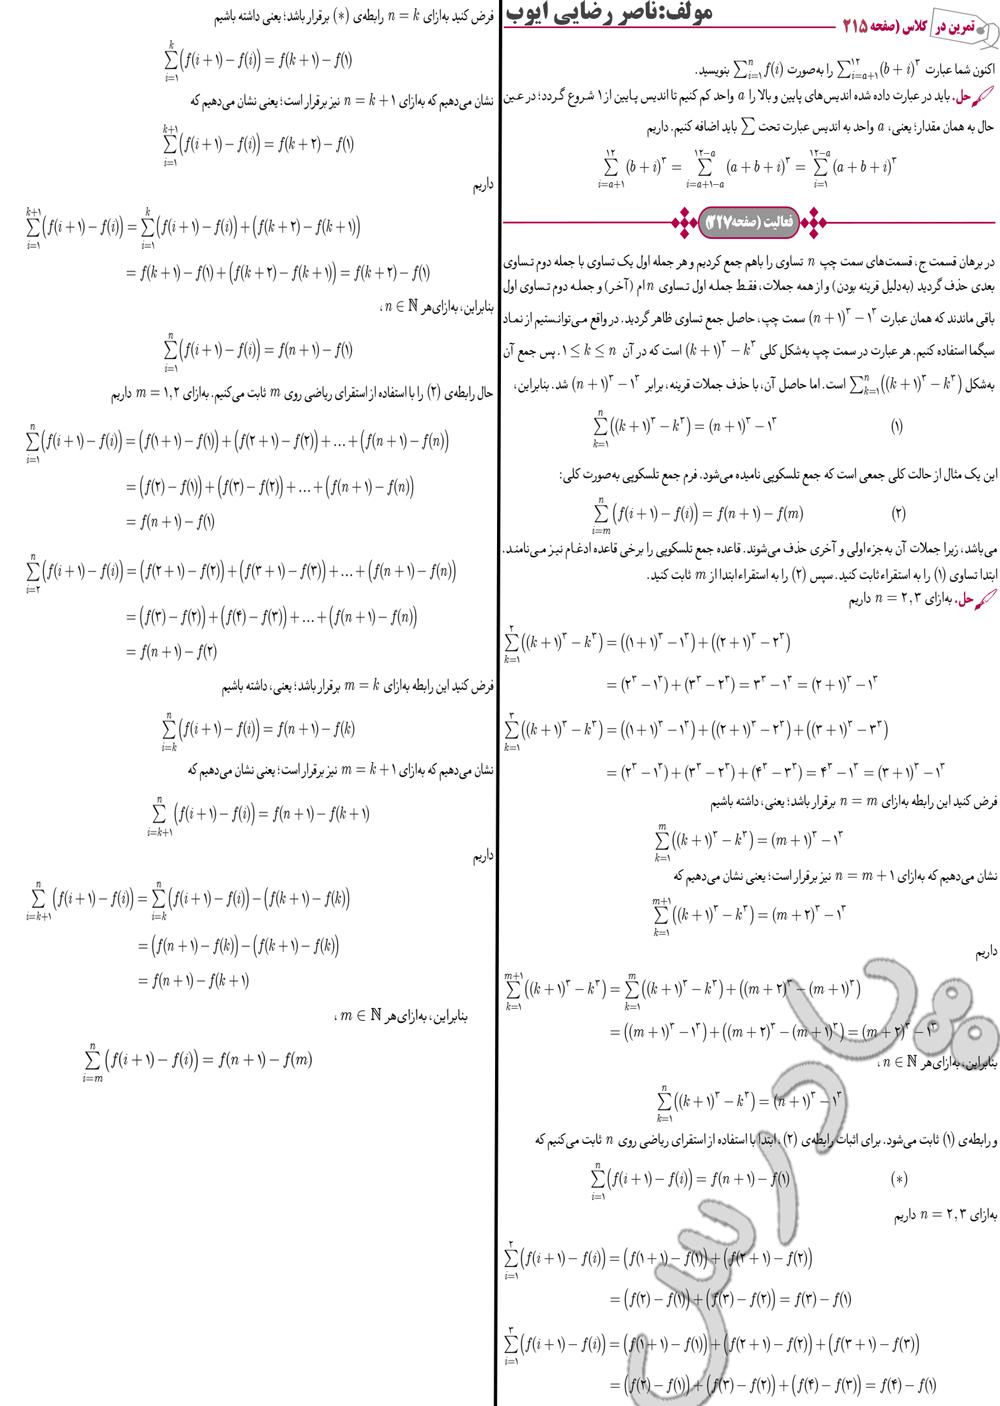 حل تمرین در کلاس و فعالیت صفحه 215 و 217 دیفرانسیل پیش دانشگاهی